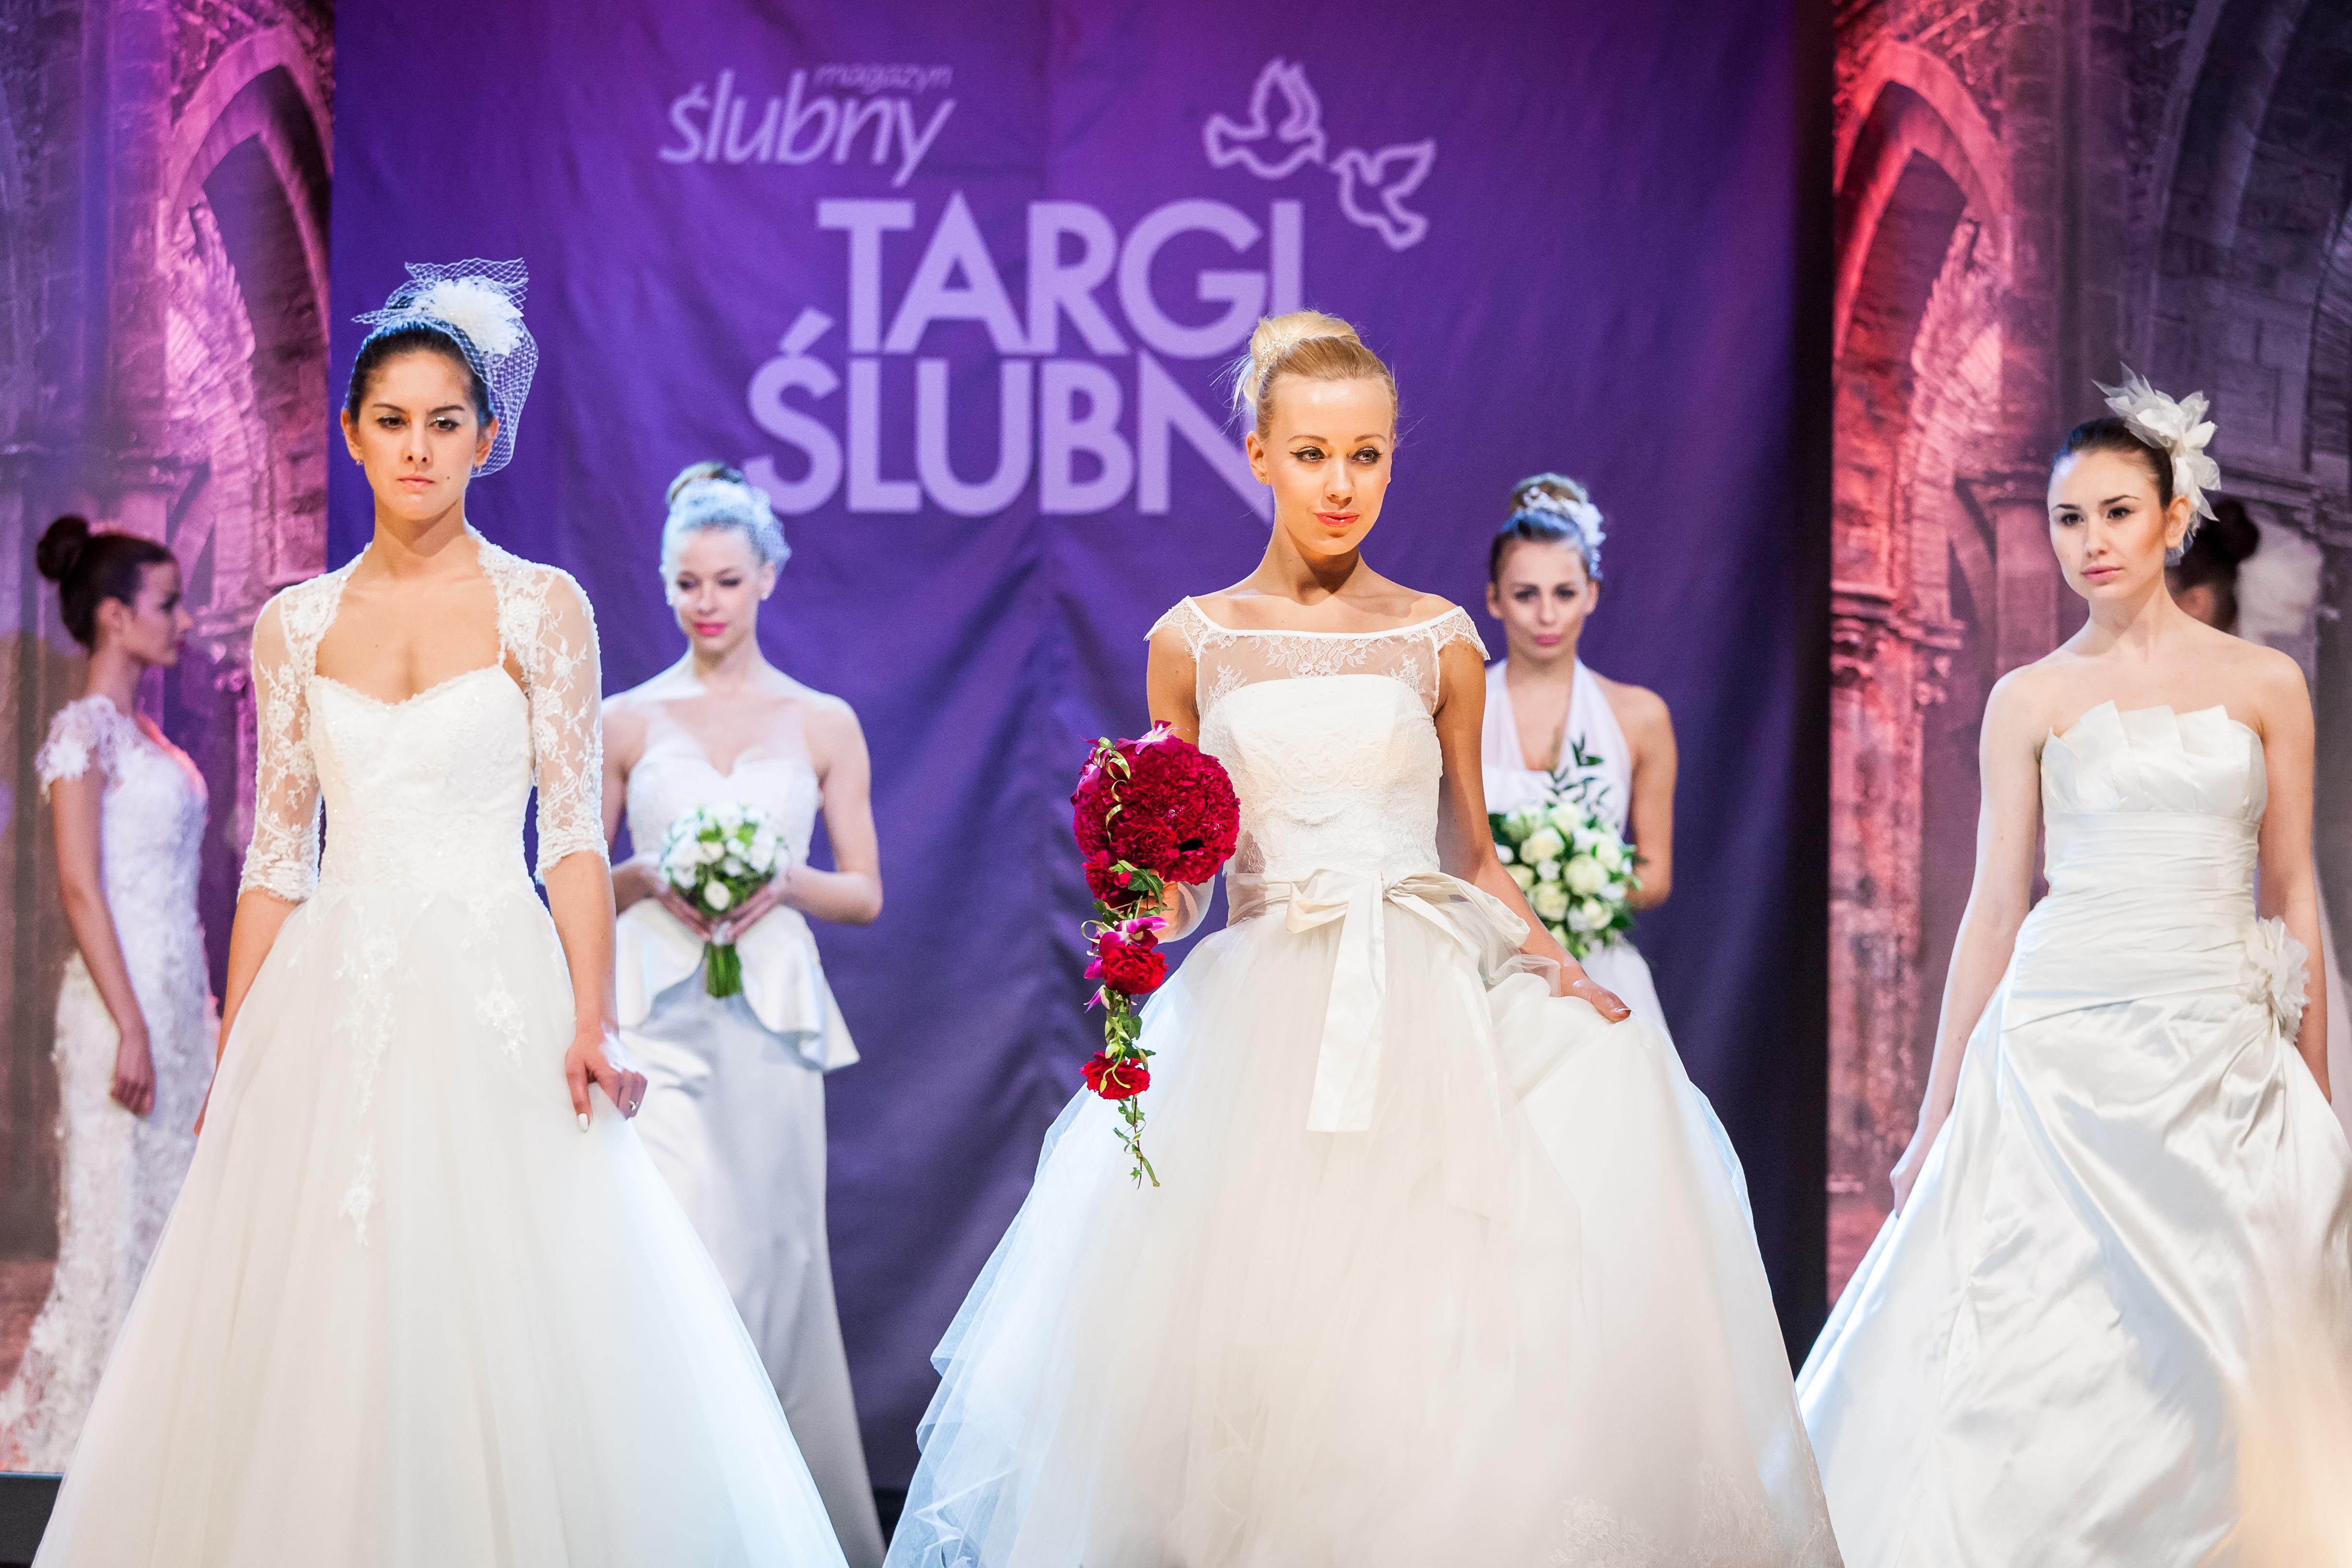 Targi Ślubne – XVI Wielka Poznańska Gala Ślubna 2020 - 2